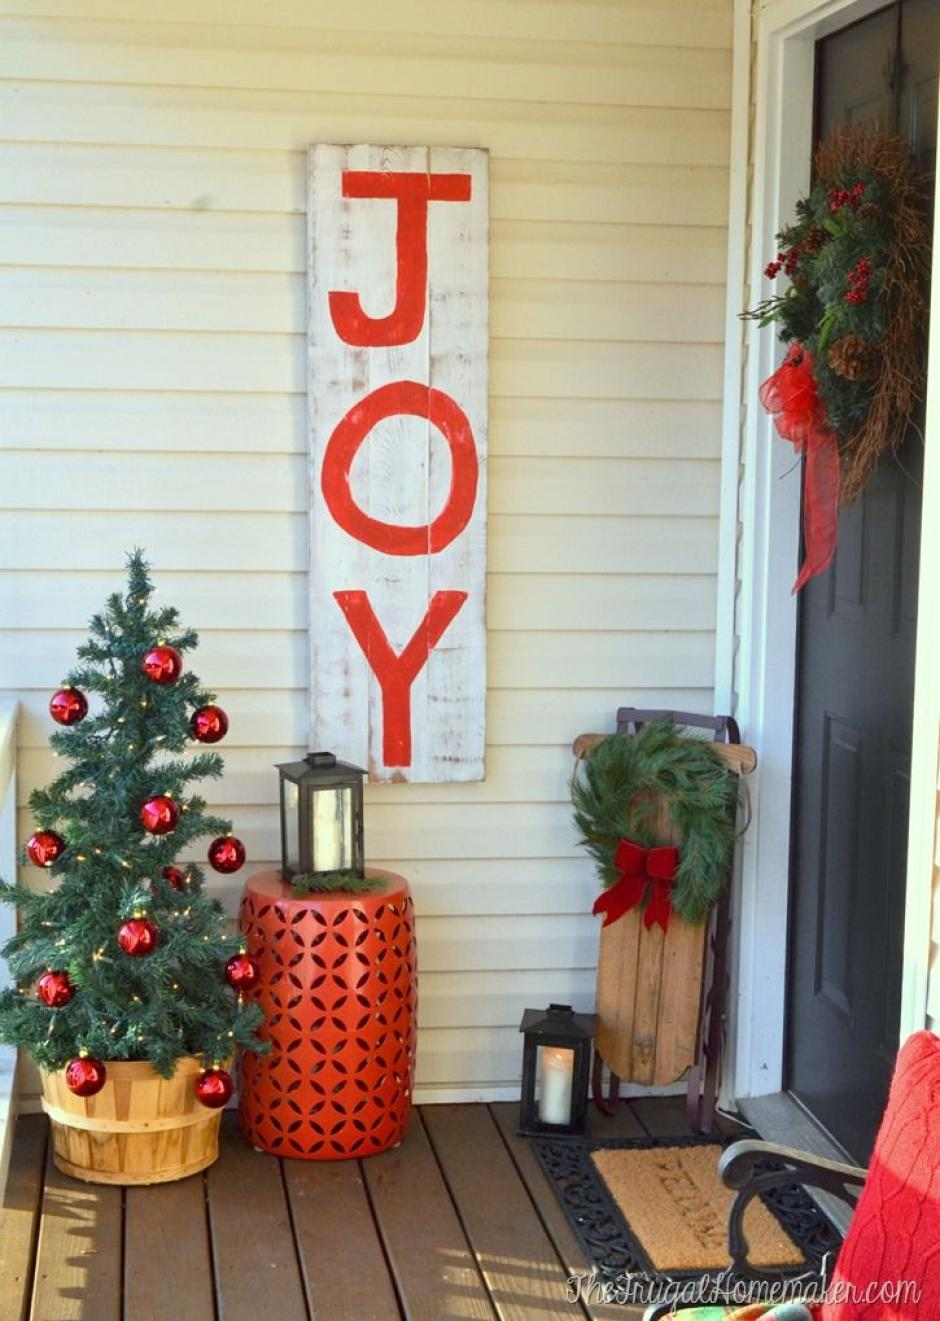 puertas decoradas en navidad soy502